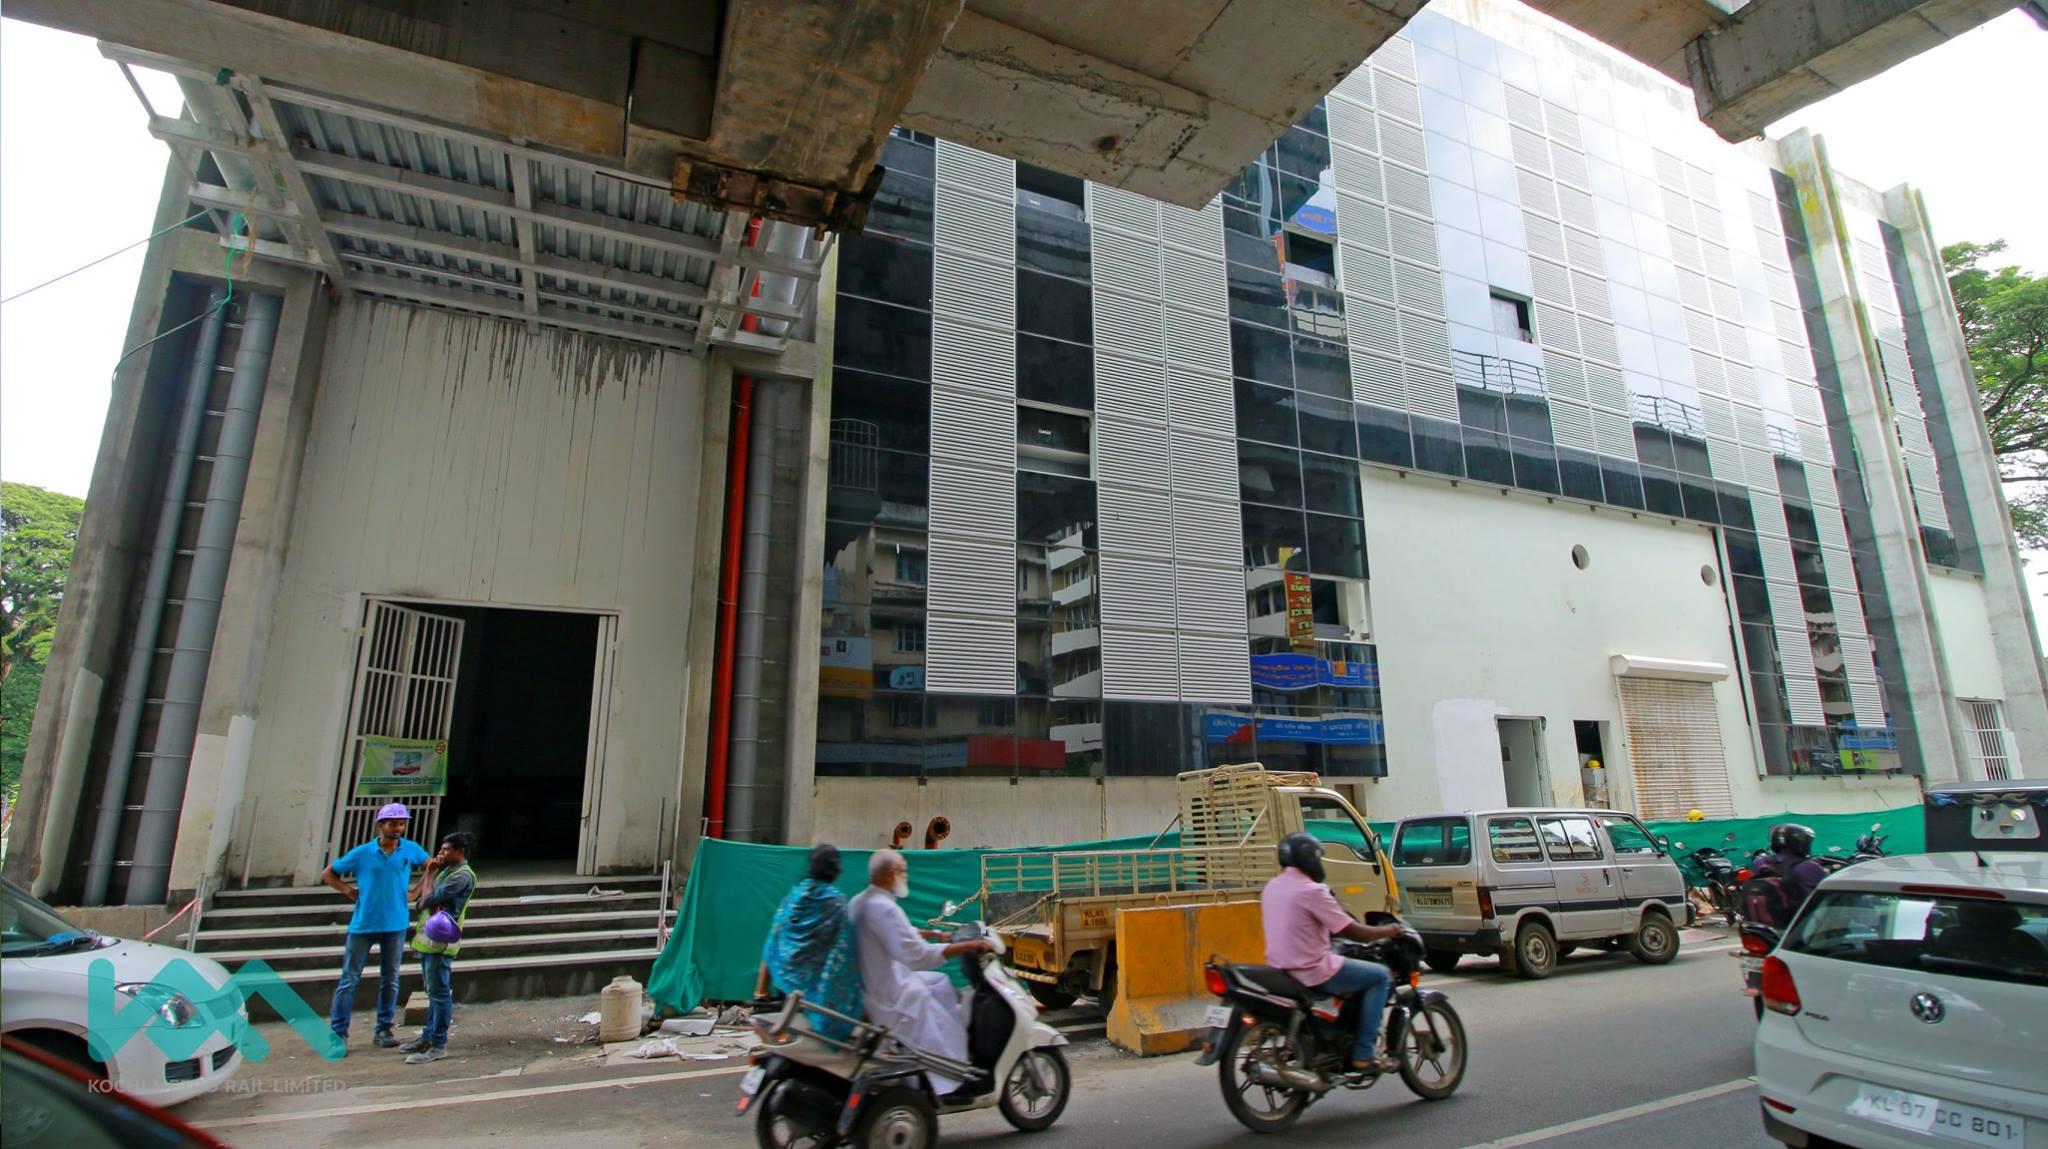 kochi metro palarivattom maharajas first trial run tomorrow